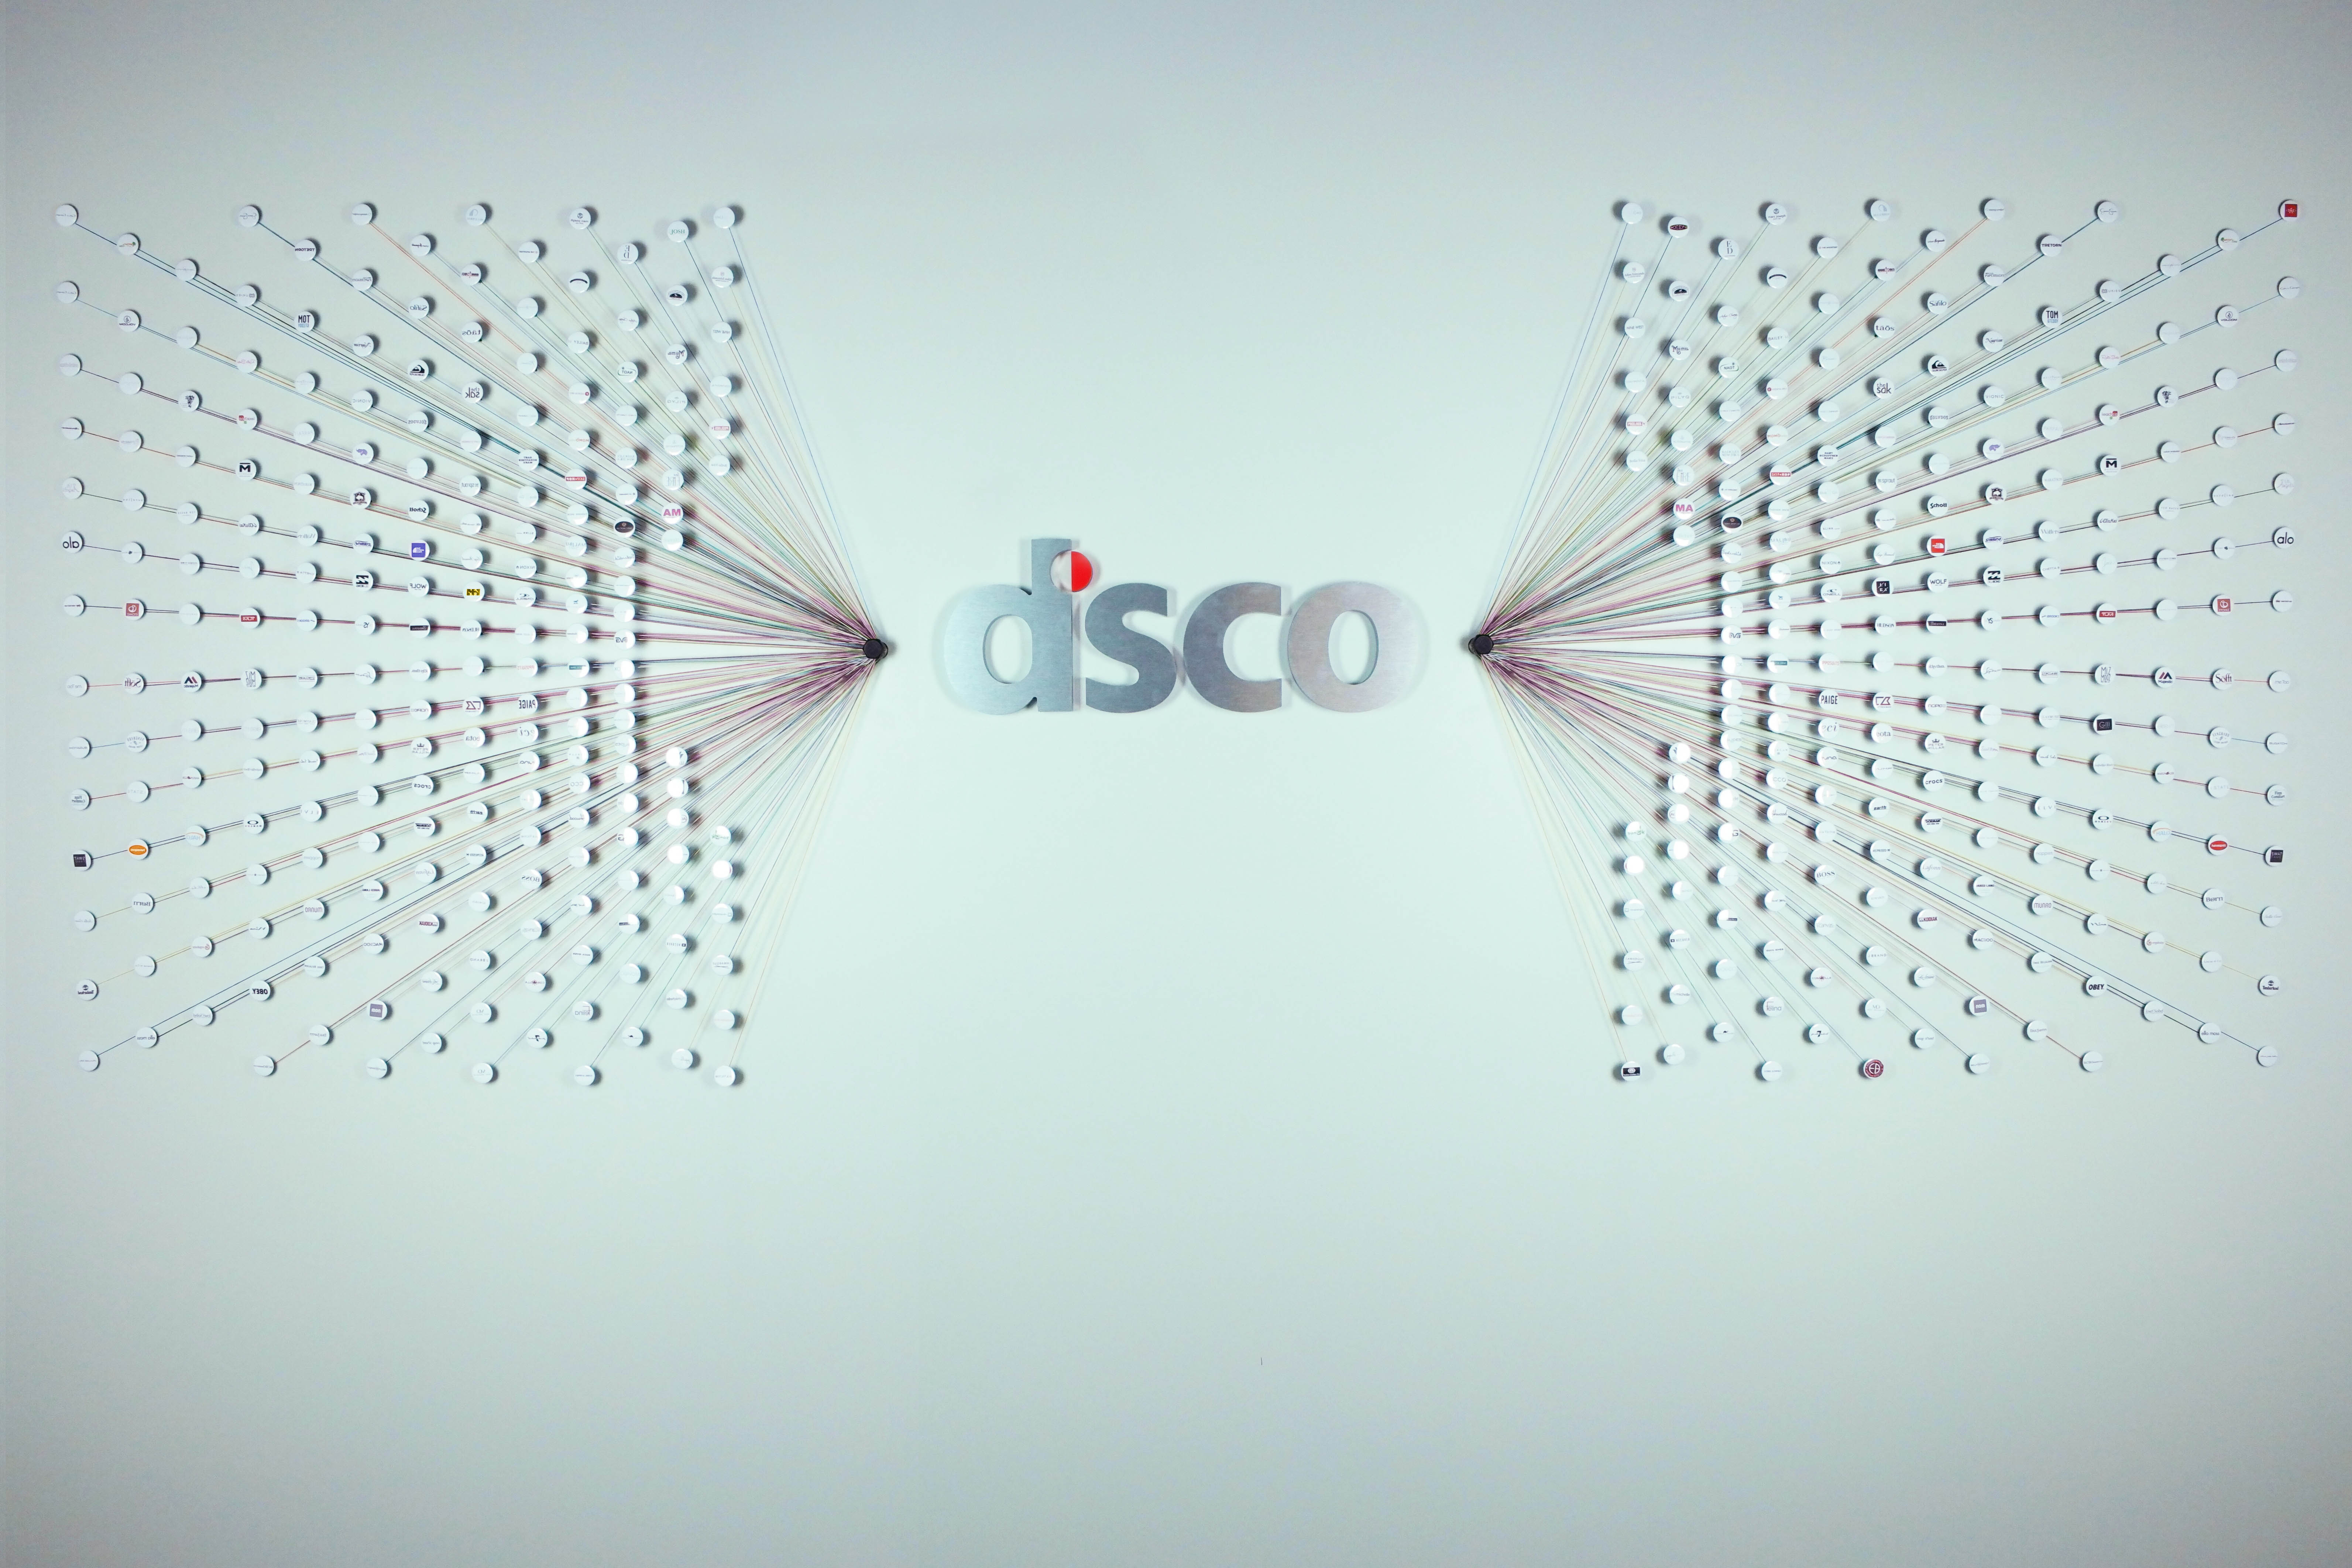 The Dsco 444 - Dsco.io